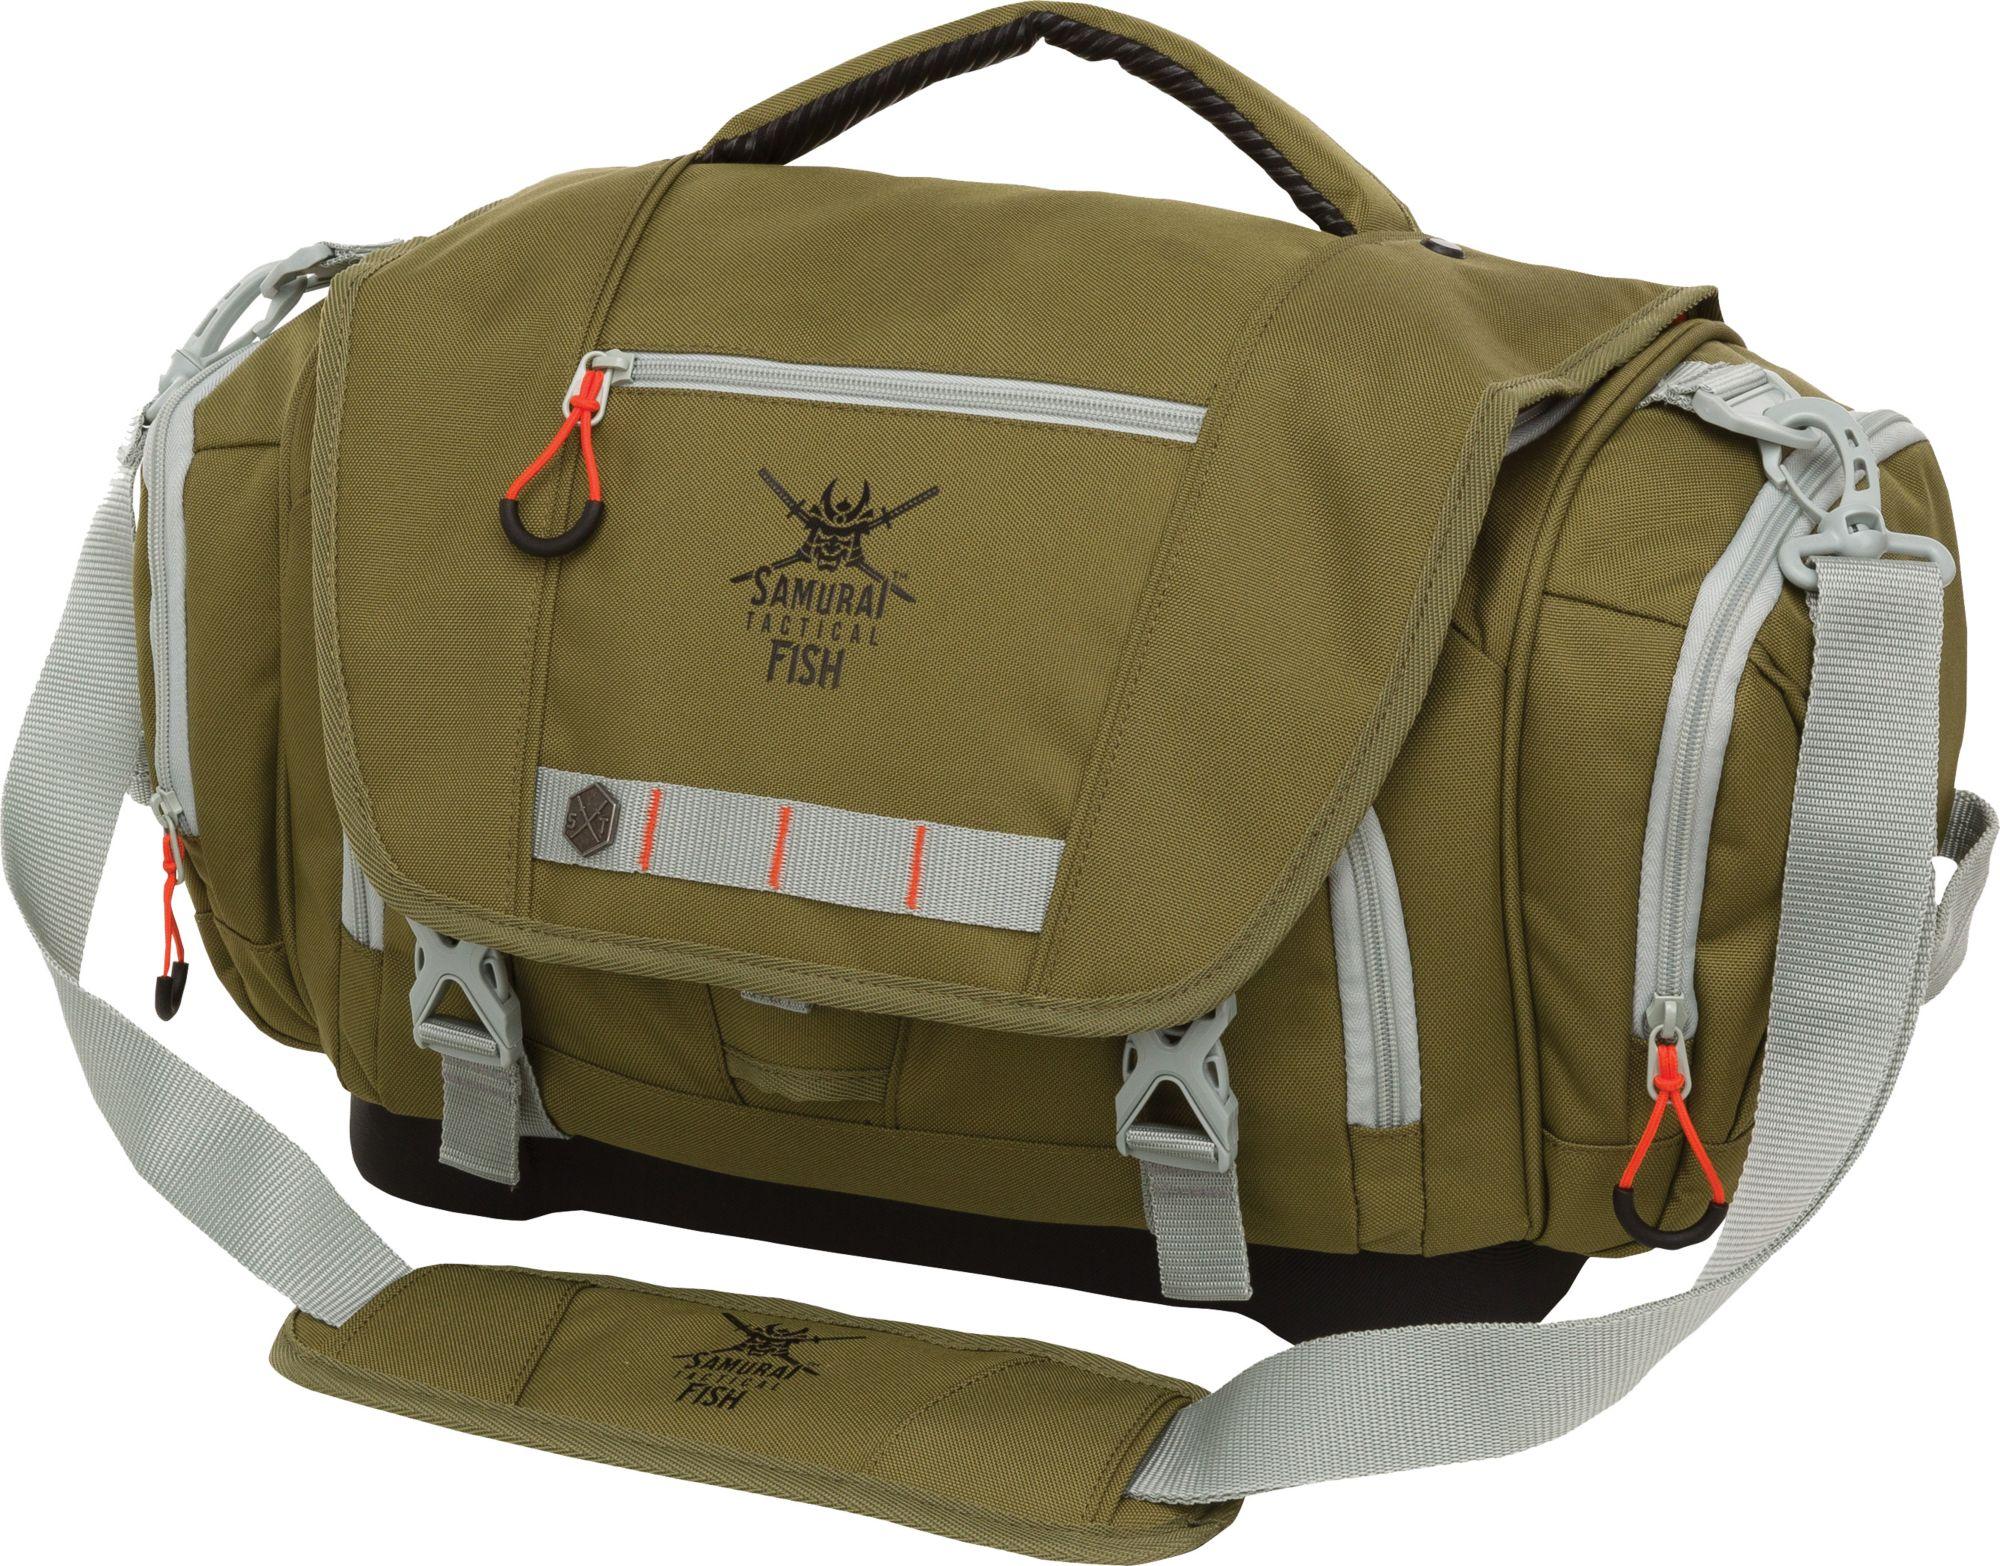 Samurai Tactical Kazunoko Tackle Bag, Size: One size